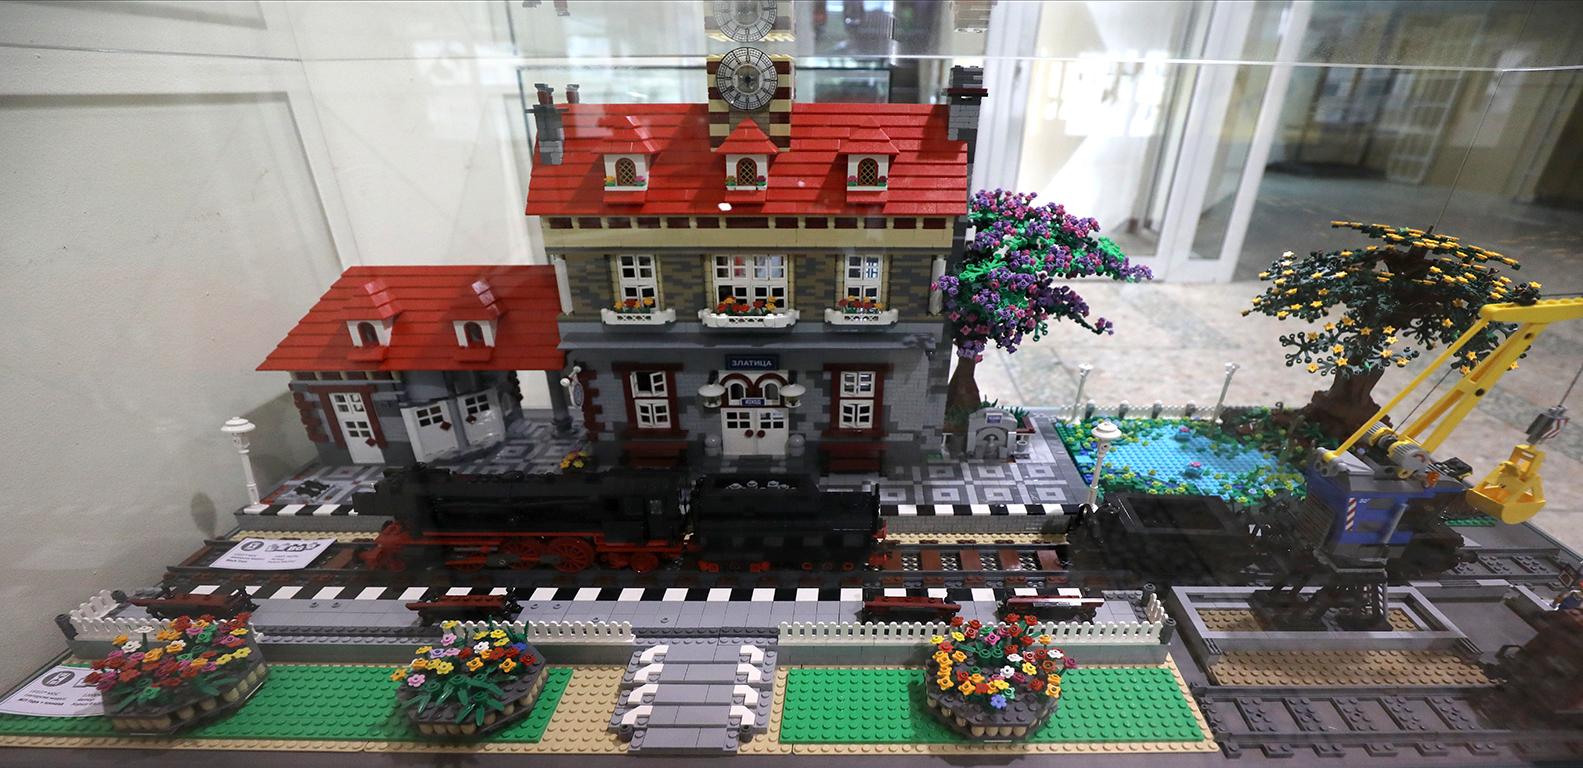 <p>Изложбата &bdquo;Лего влакове&rdquo;, може да бъде видяна до месец септември в Националния политехнически музей (НПТМ) на ул.&quot;Опълченска&quot; 66, (между ул. &quot;Цар Симеон&quot; и бул.&quot;Сливница&quot;, срещу супермаркет БИЛЛА и бензиностанция OMV) в София, като се спазват всички необходими мерки за безопасност</p>